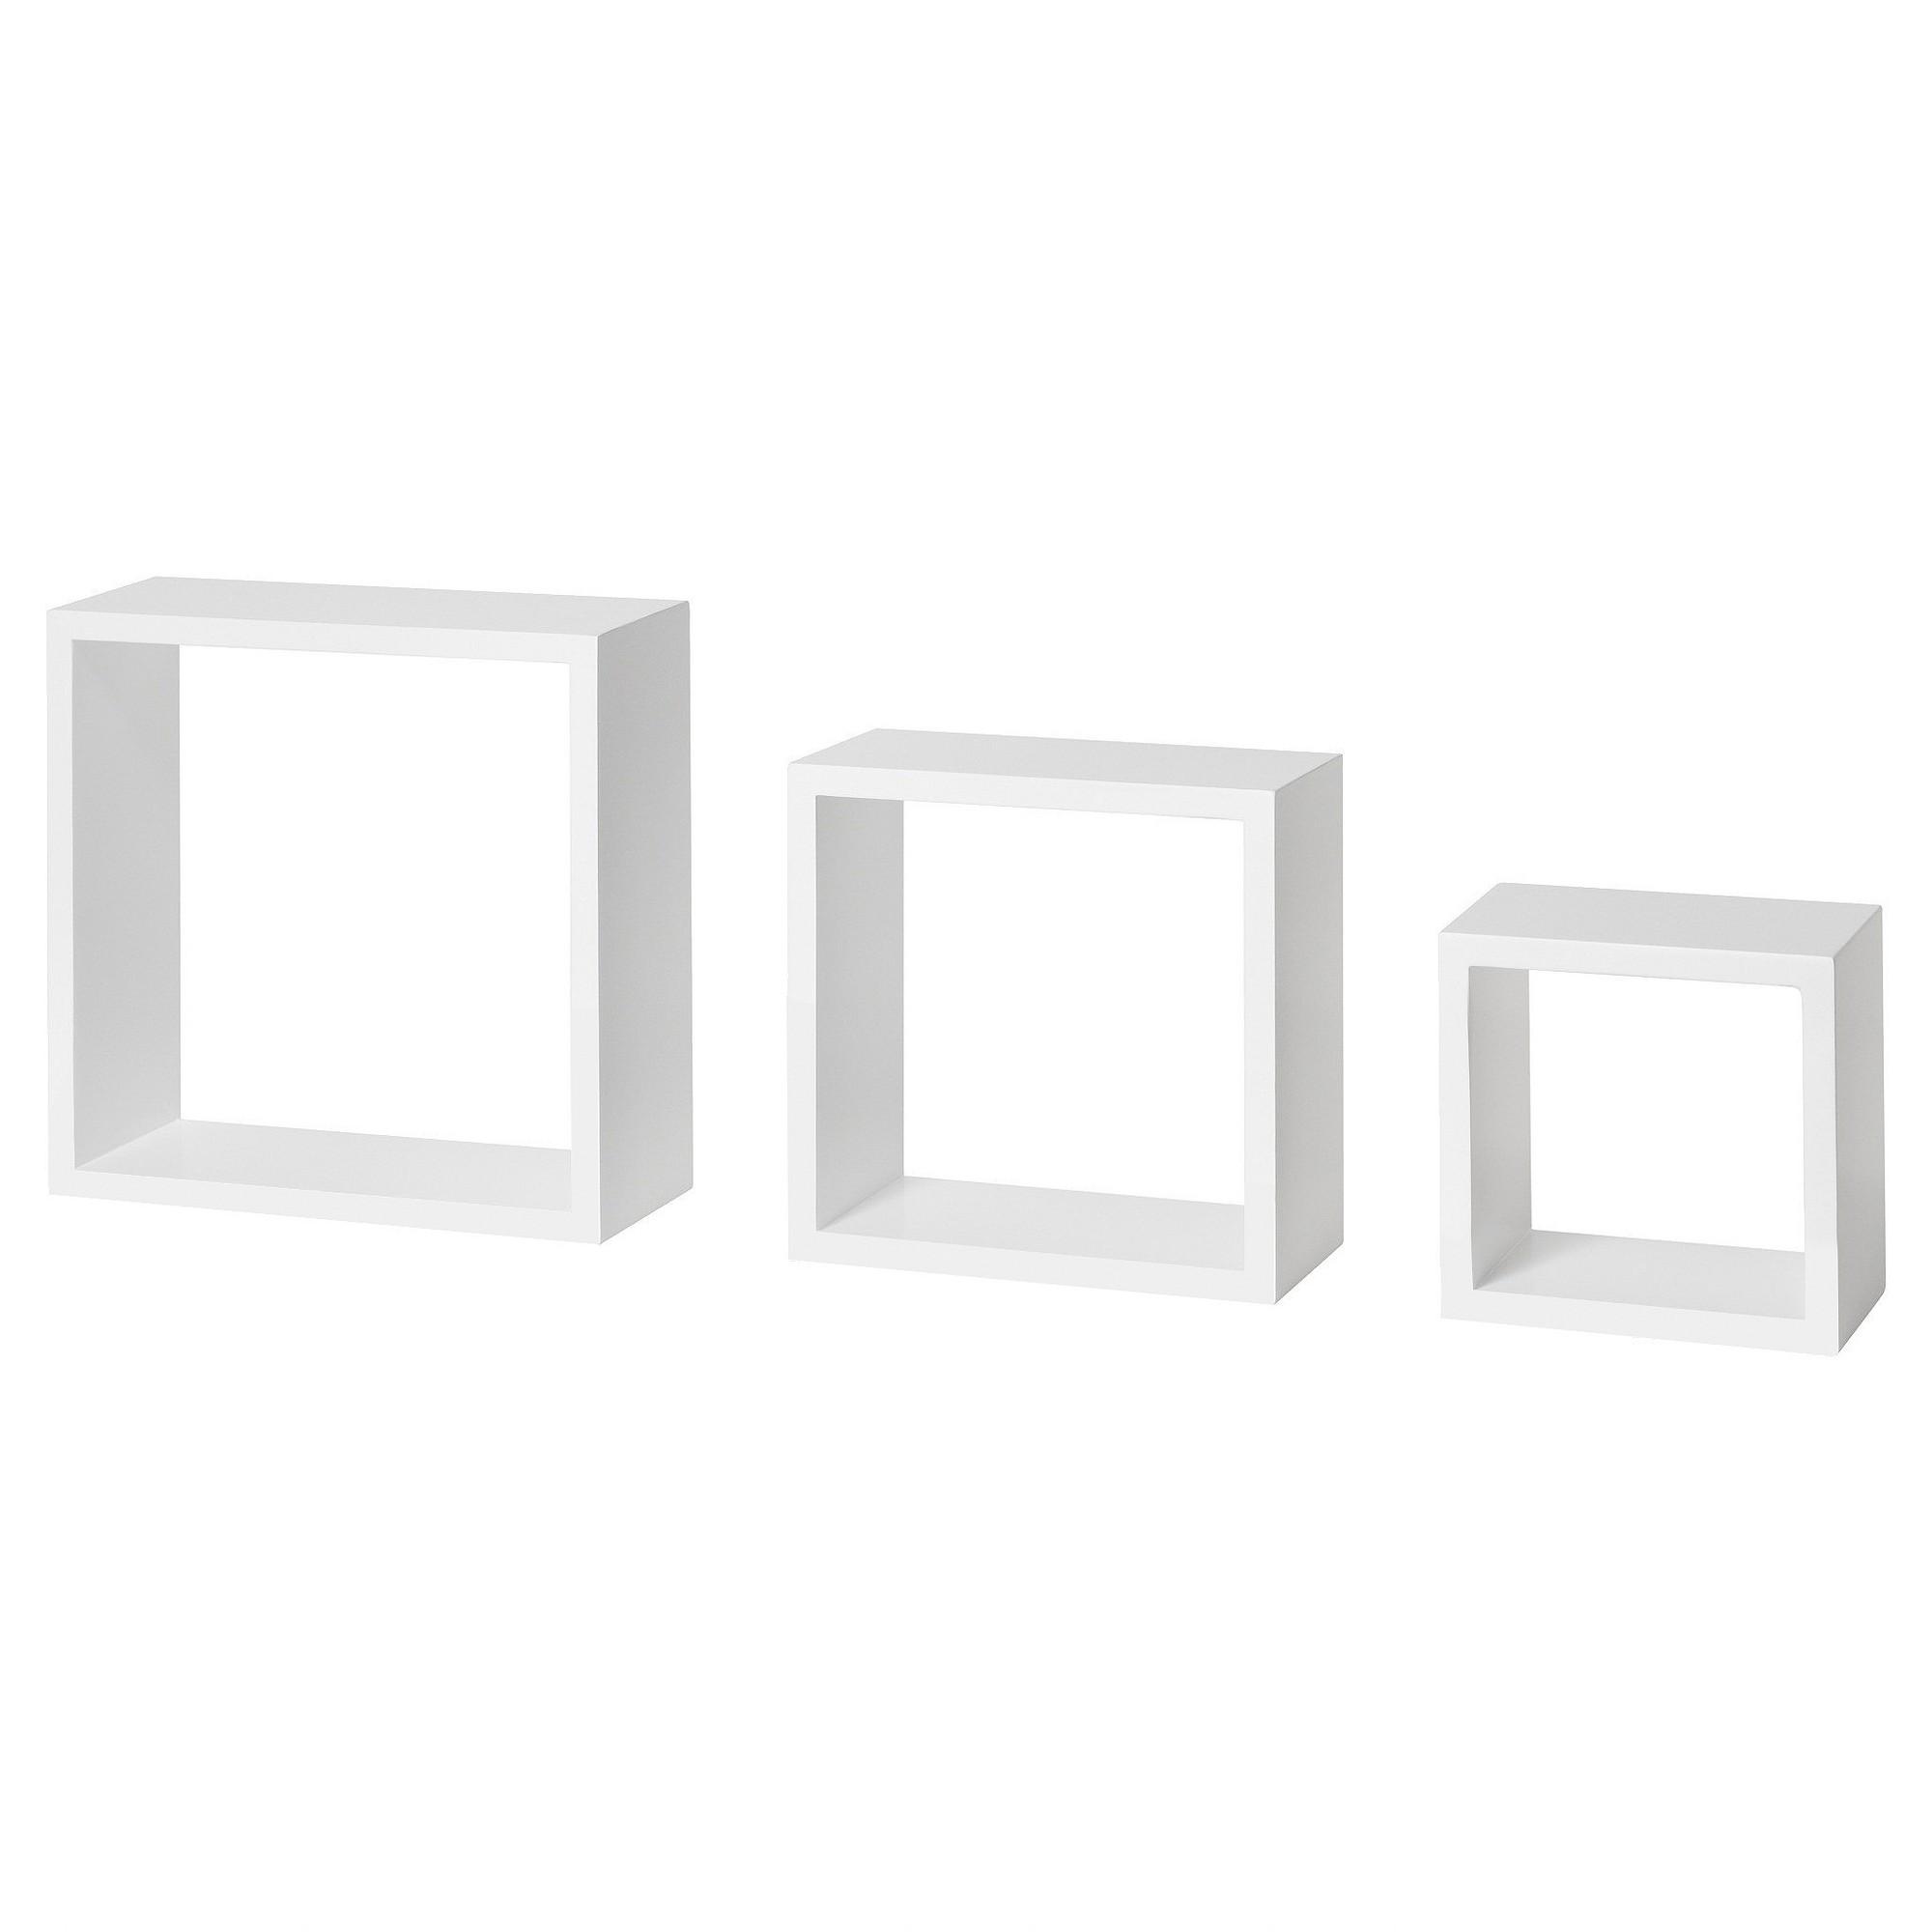 Dolle Floating Shelf Set of Box Frames - White | Kids Shared ...